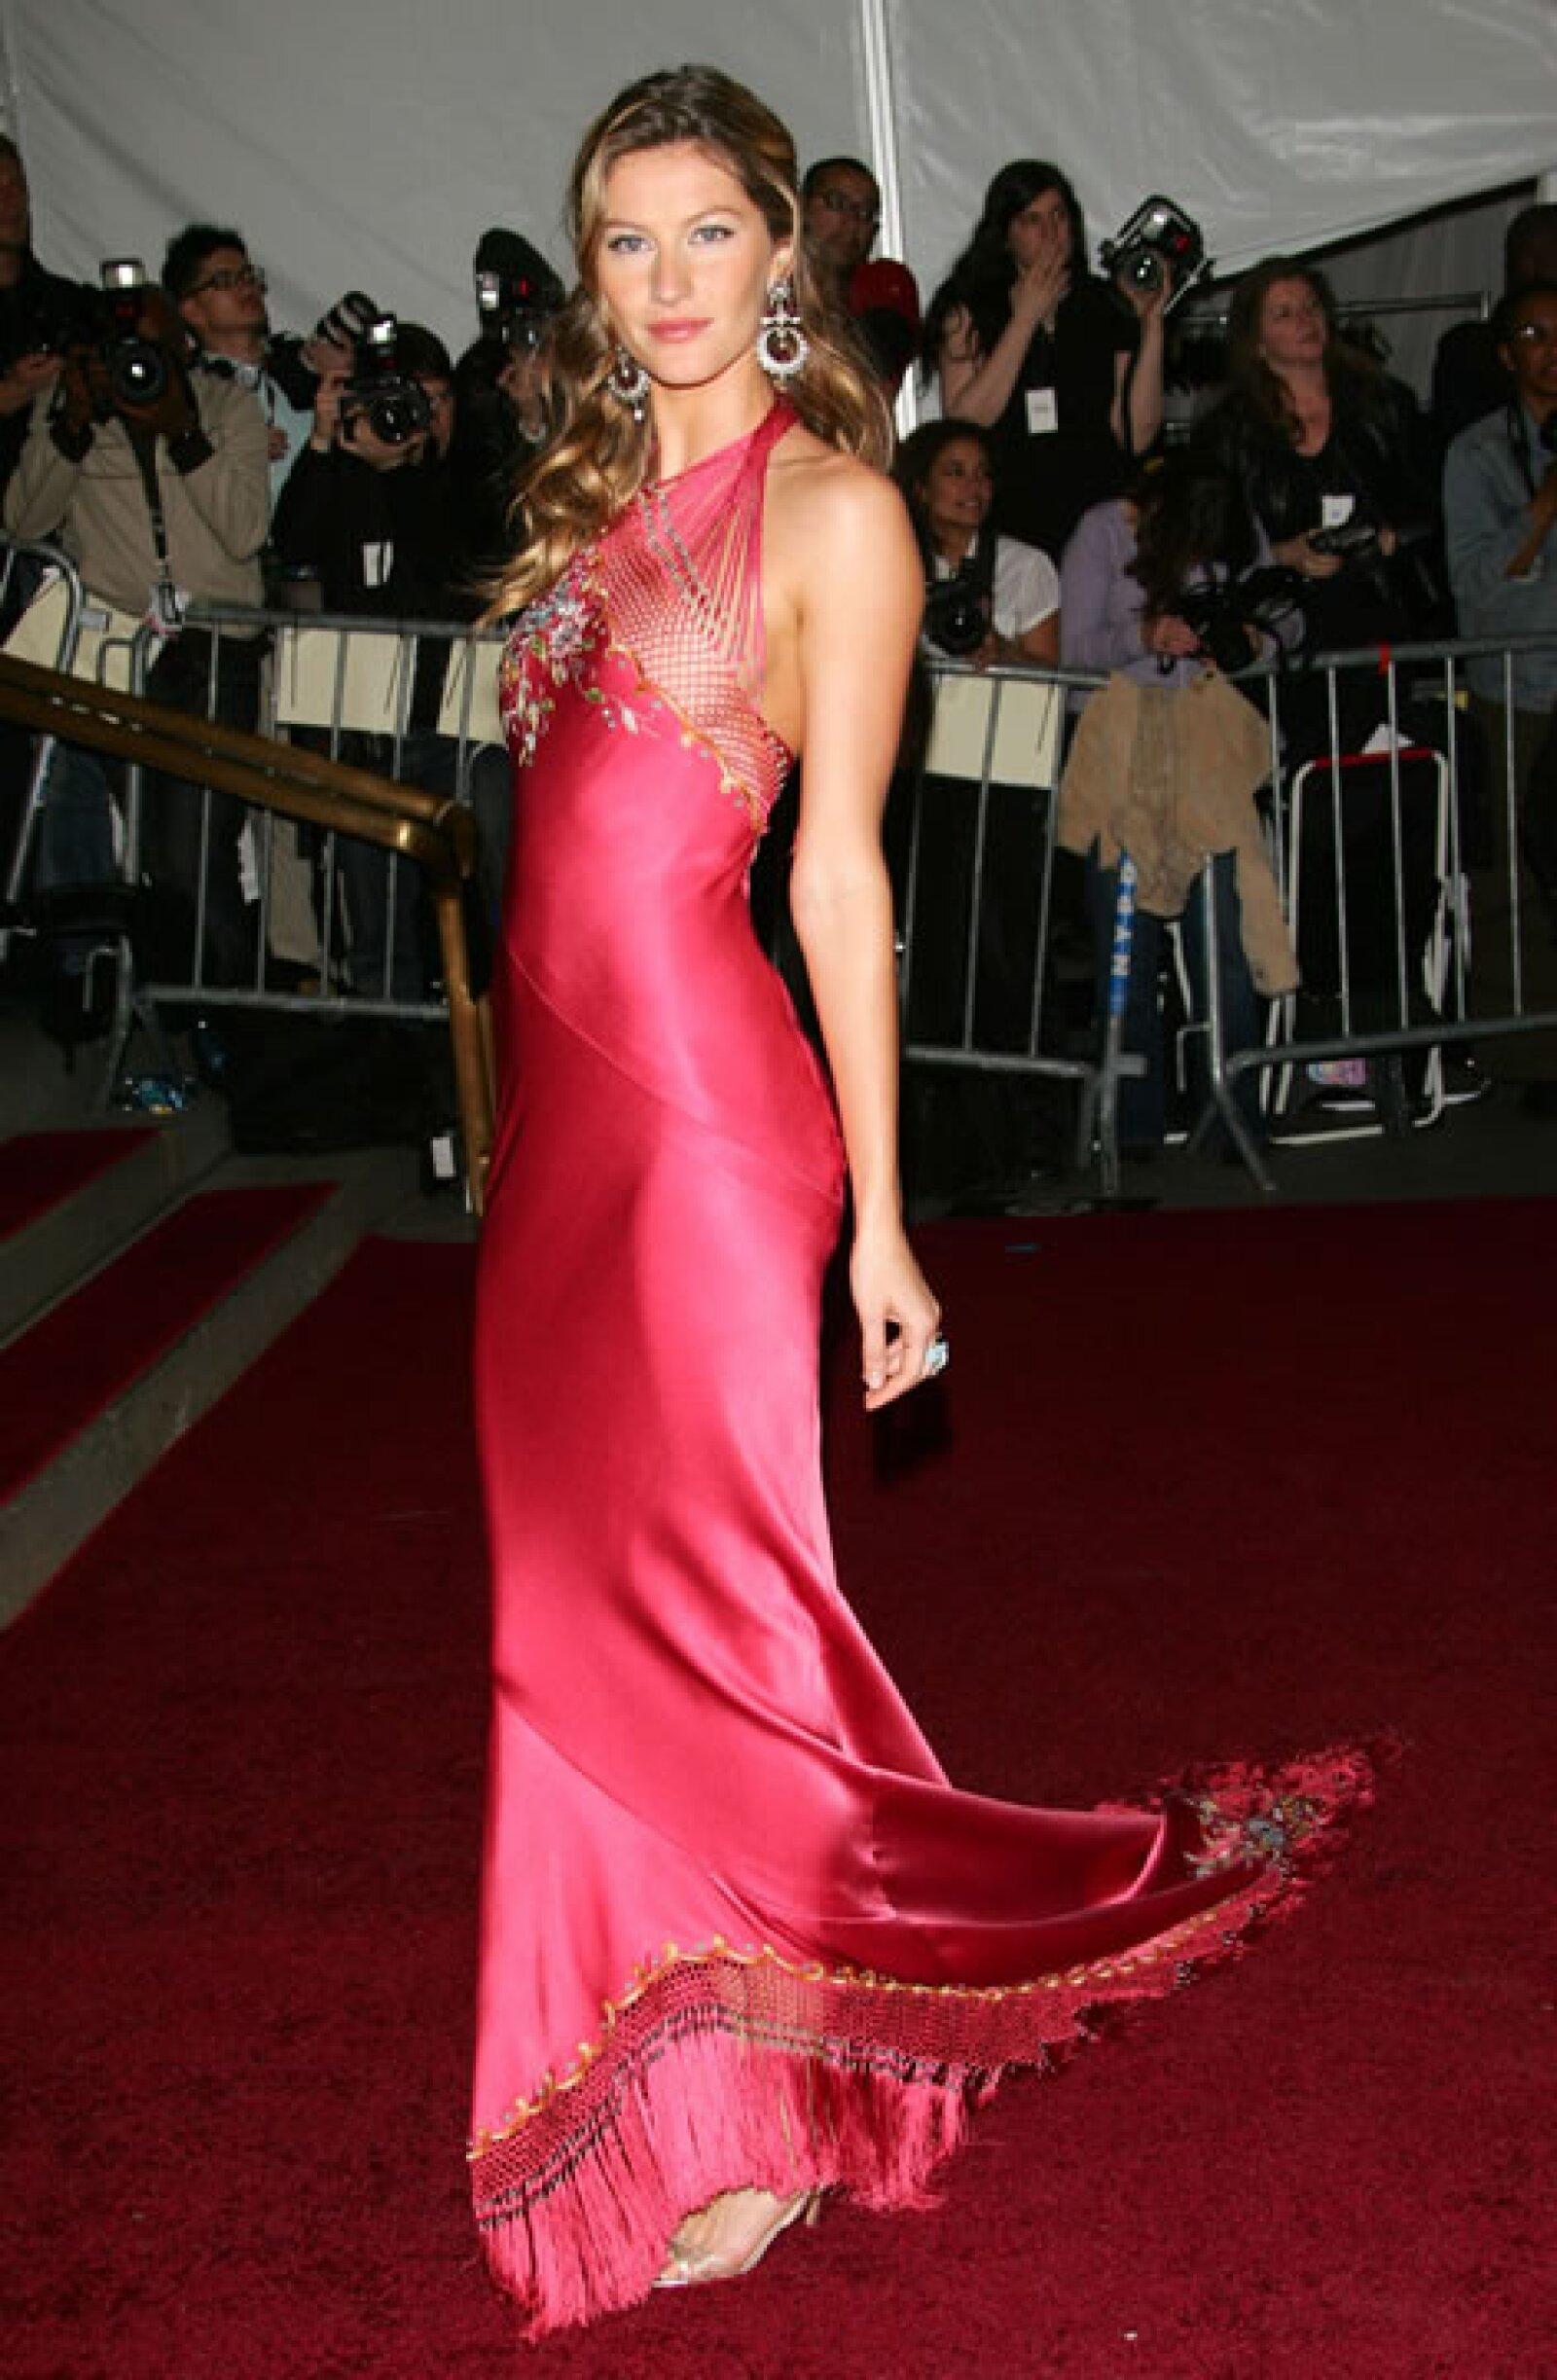 Su carrera con LVMH inició en Givenchy.